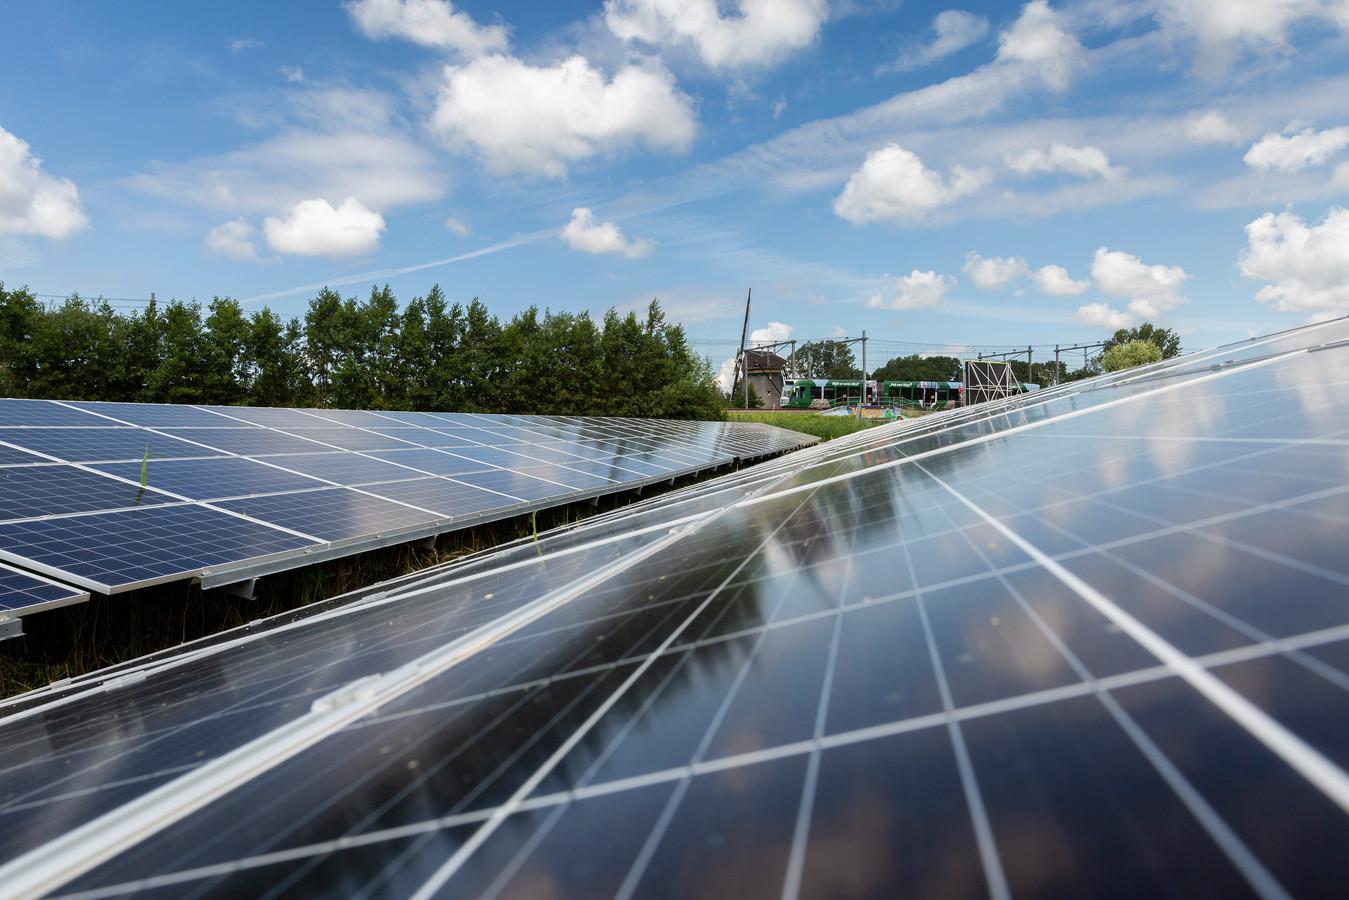 Lokaal Hellendoorn wil voorkomen dat het Hellendoornse buitengebied wordt vol geplempt met windturbines en zonneparken. De grootste oppositiepartij vindt daarom dat het college en andere weg moet inslaan.